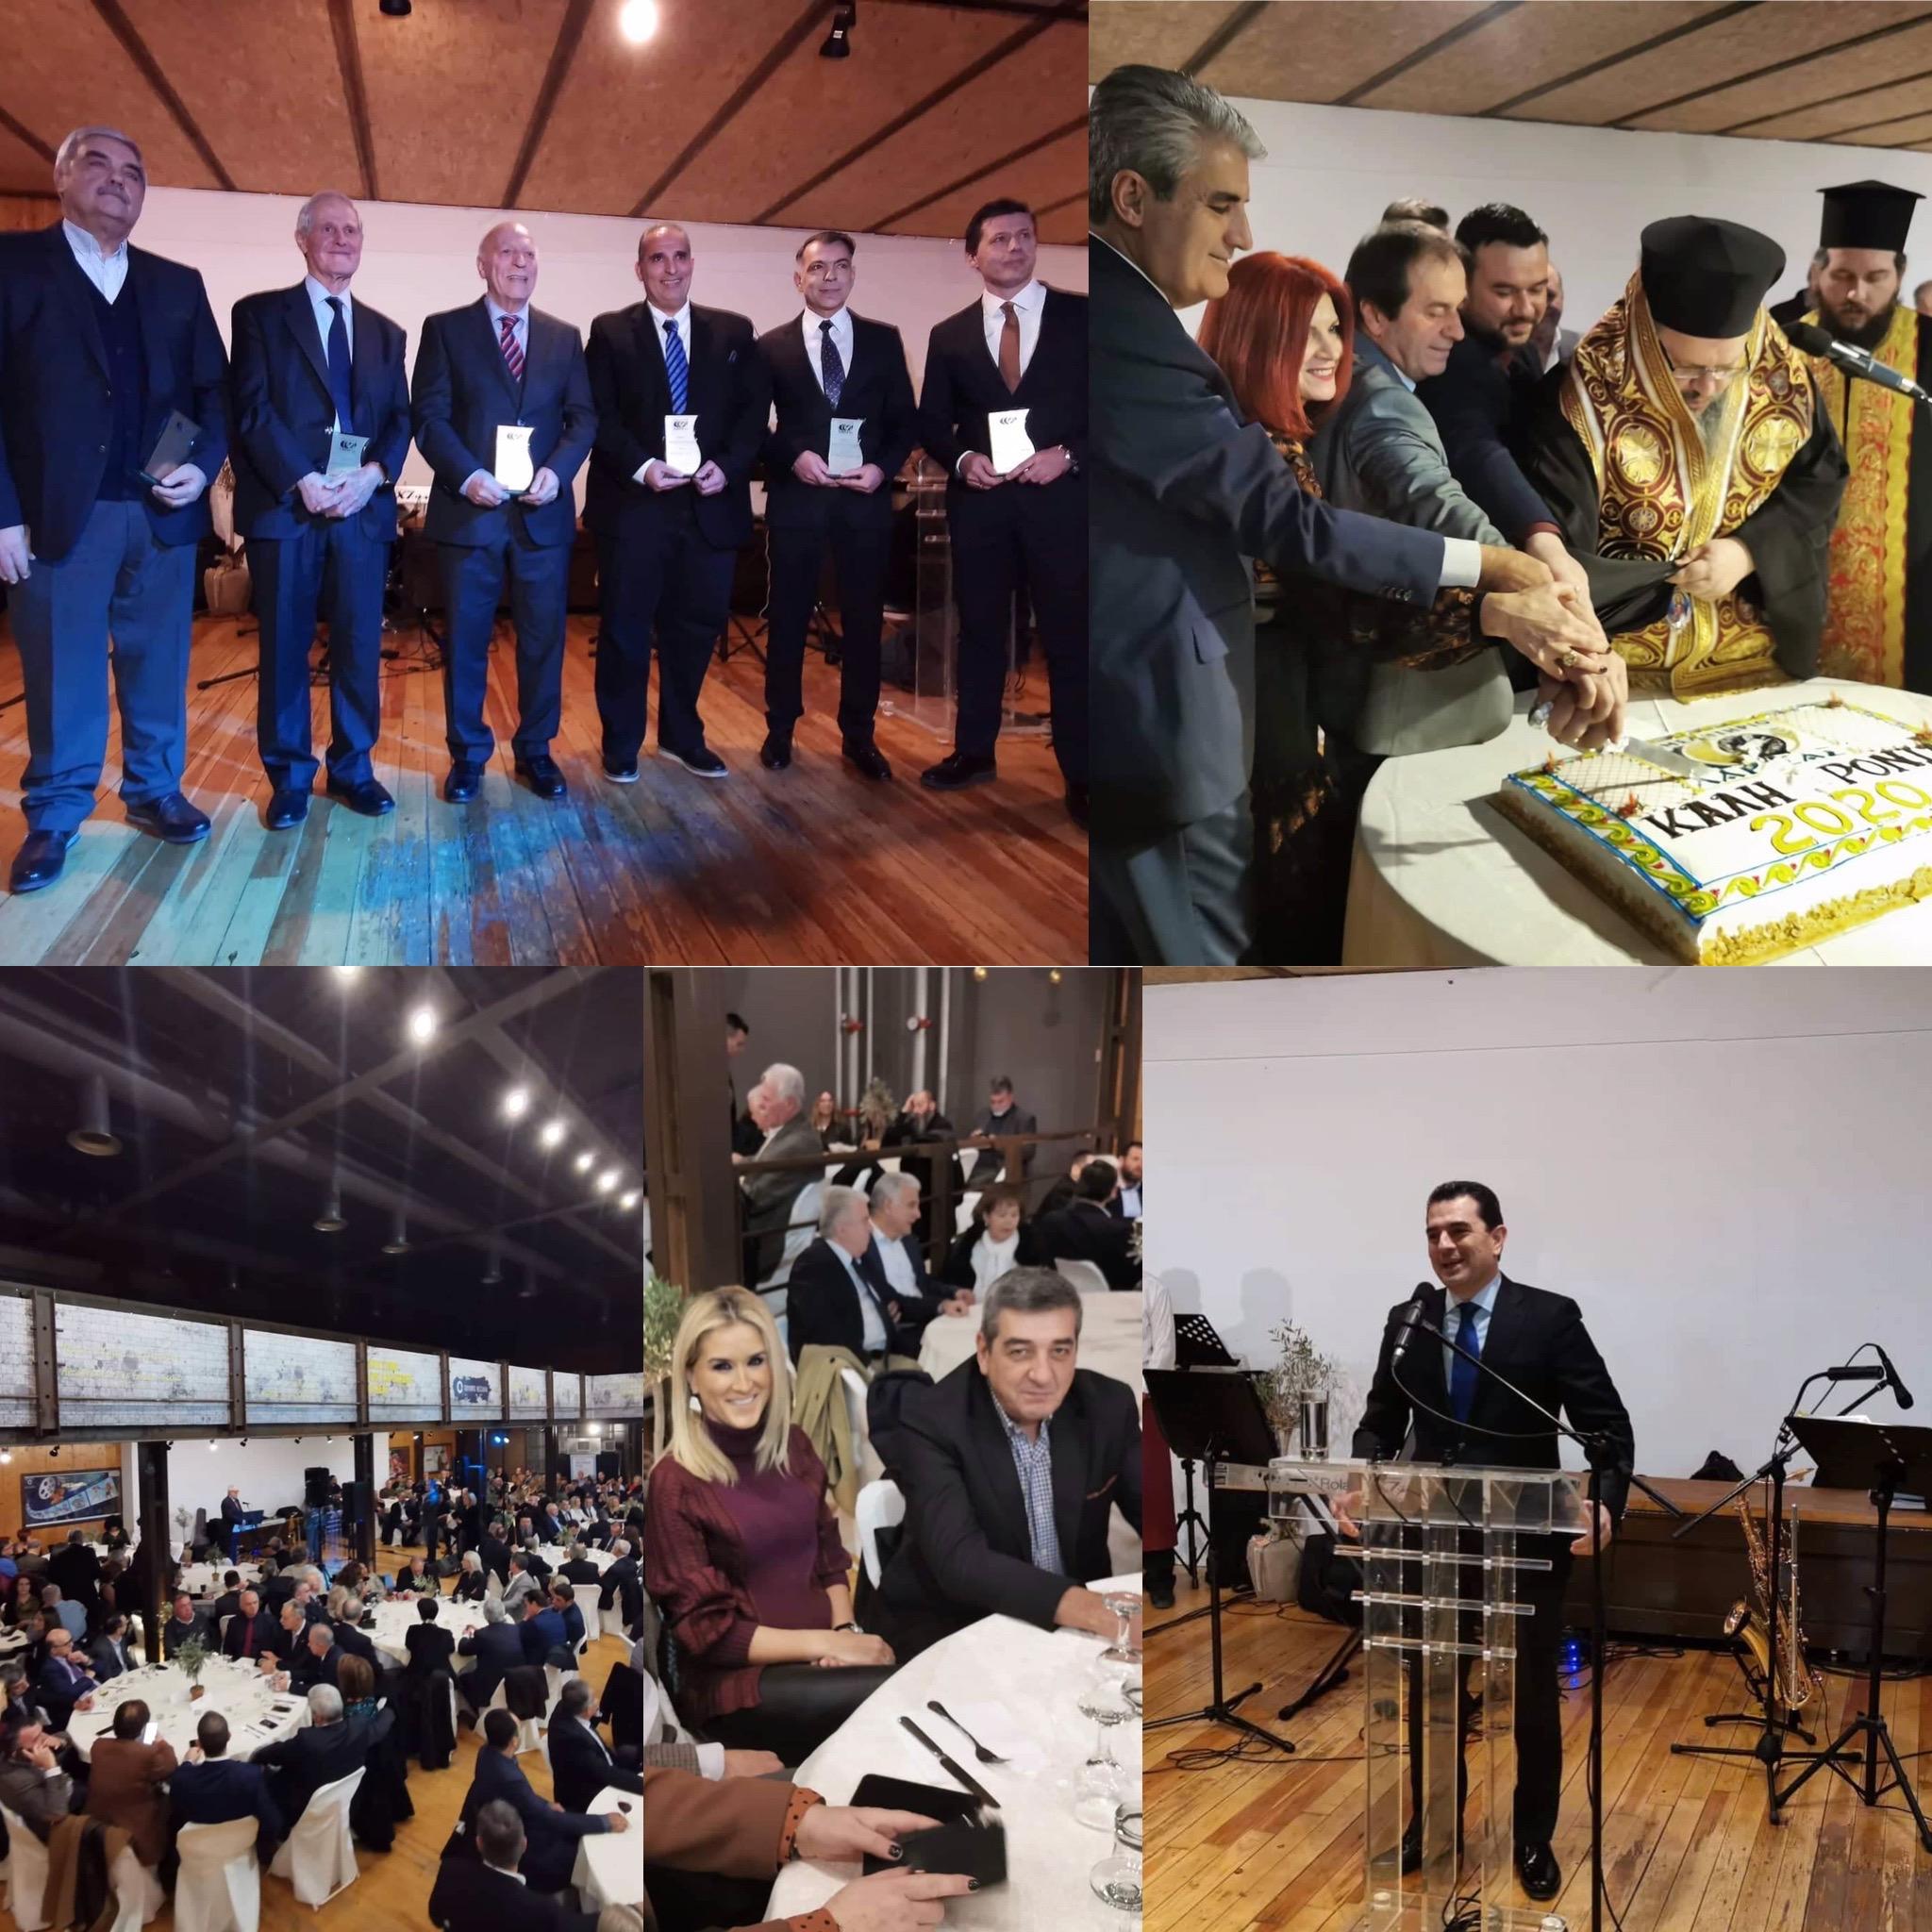 Έκοψε την Πρωτοχρονιάτικη πίτα το Επιμελητήριο Λάρισας παρουσία του Υφυπουργού Κ. Σκρέκα - Πλούσιο Φωτορεπορτάζ -  Βίντεο